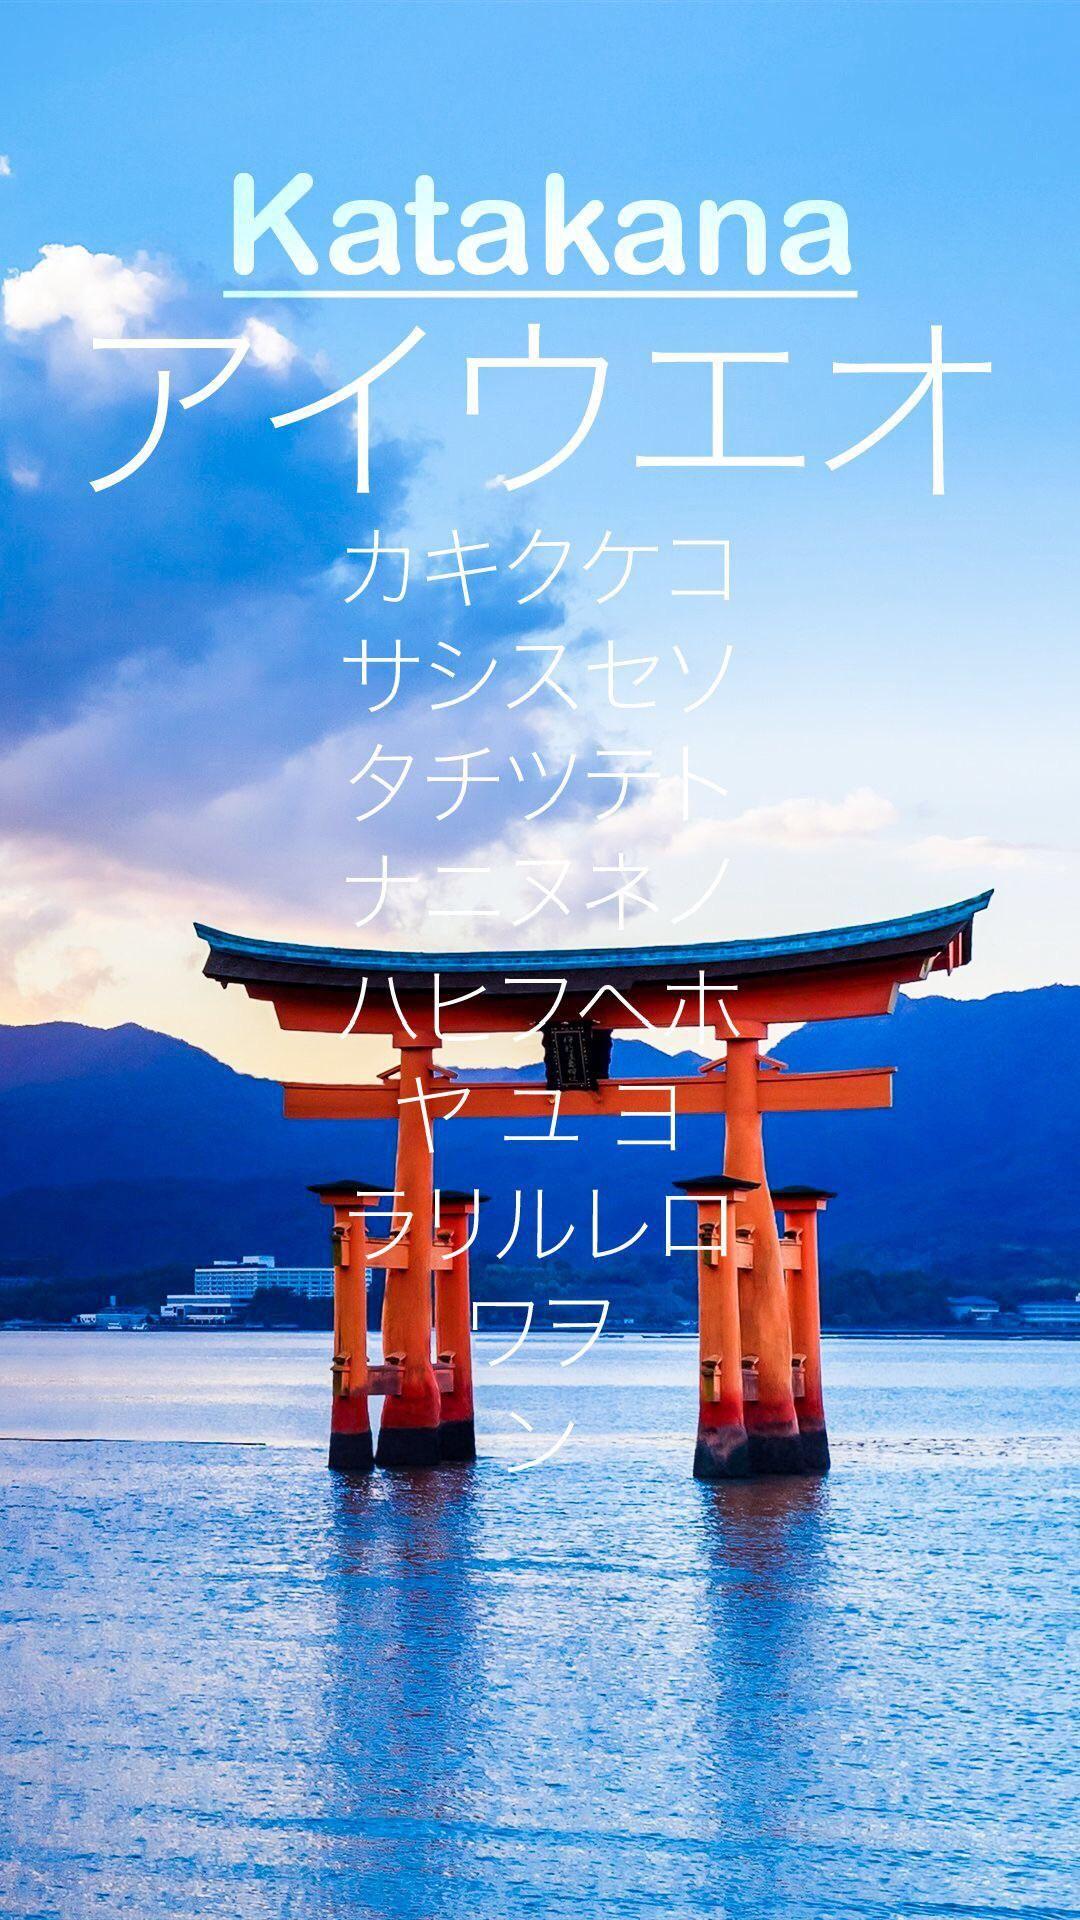 Japan Reddit Wallpaper In 2020 Hd Wallpaper Iphone Iphone